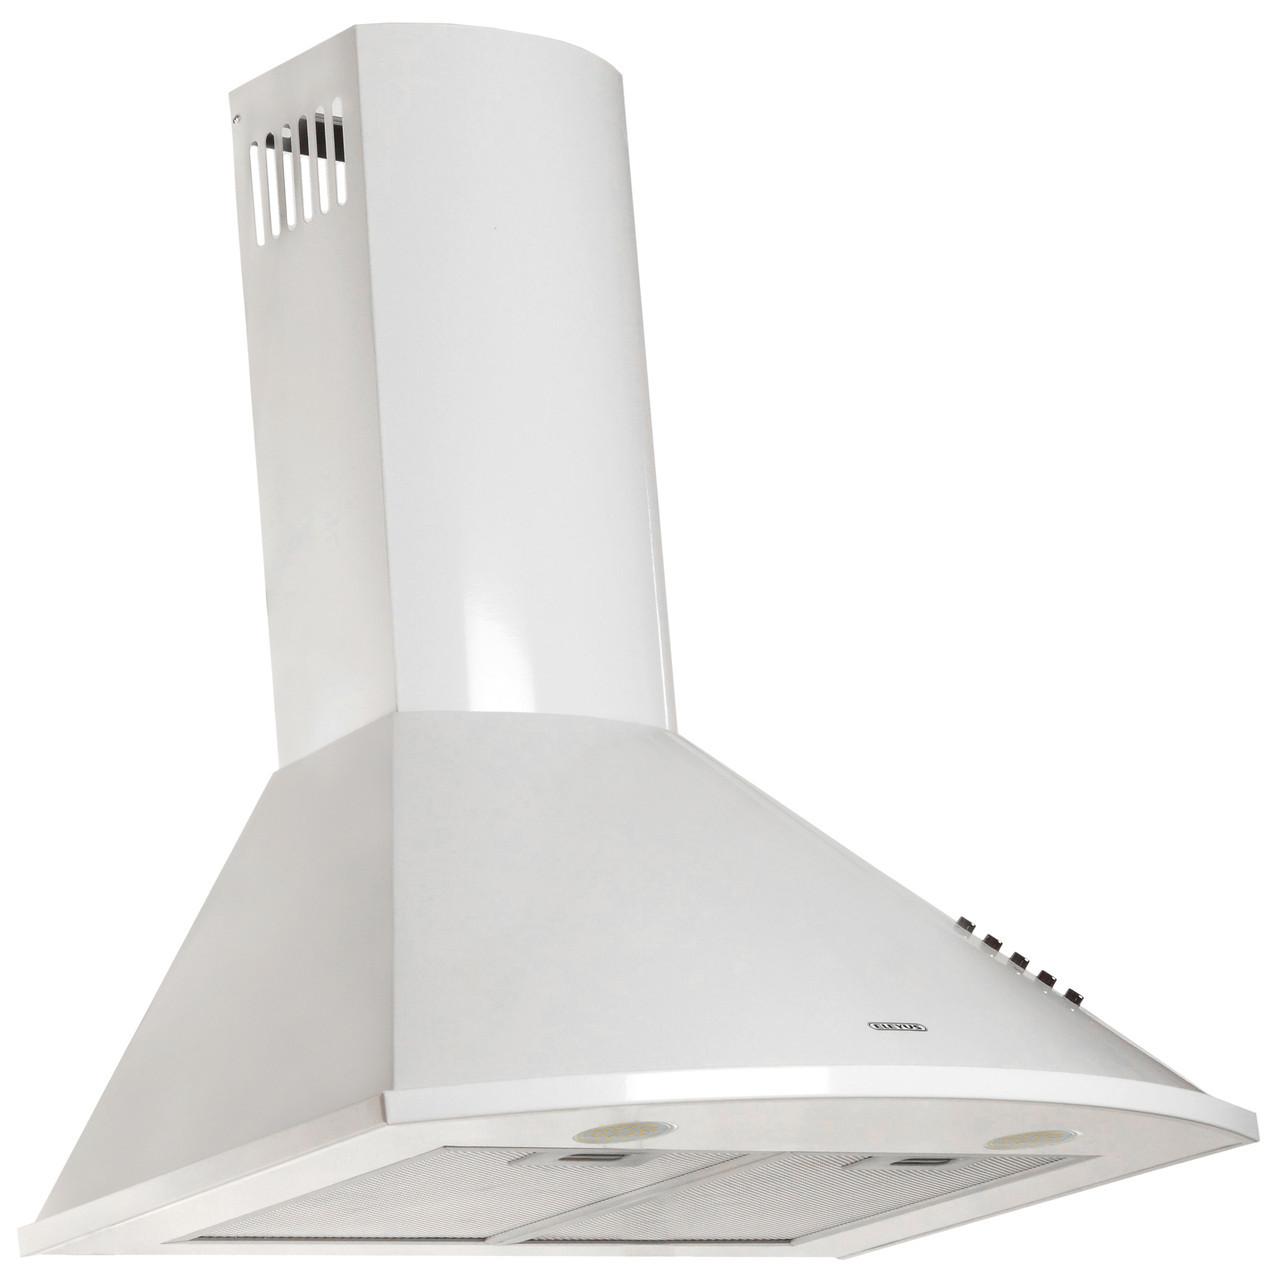 Витяжка кухонна купольна ELEYUS Bora 1200 LED SMD 60 WH + Безкоштовна доставка!